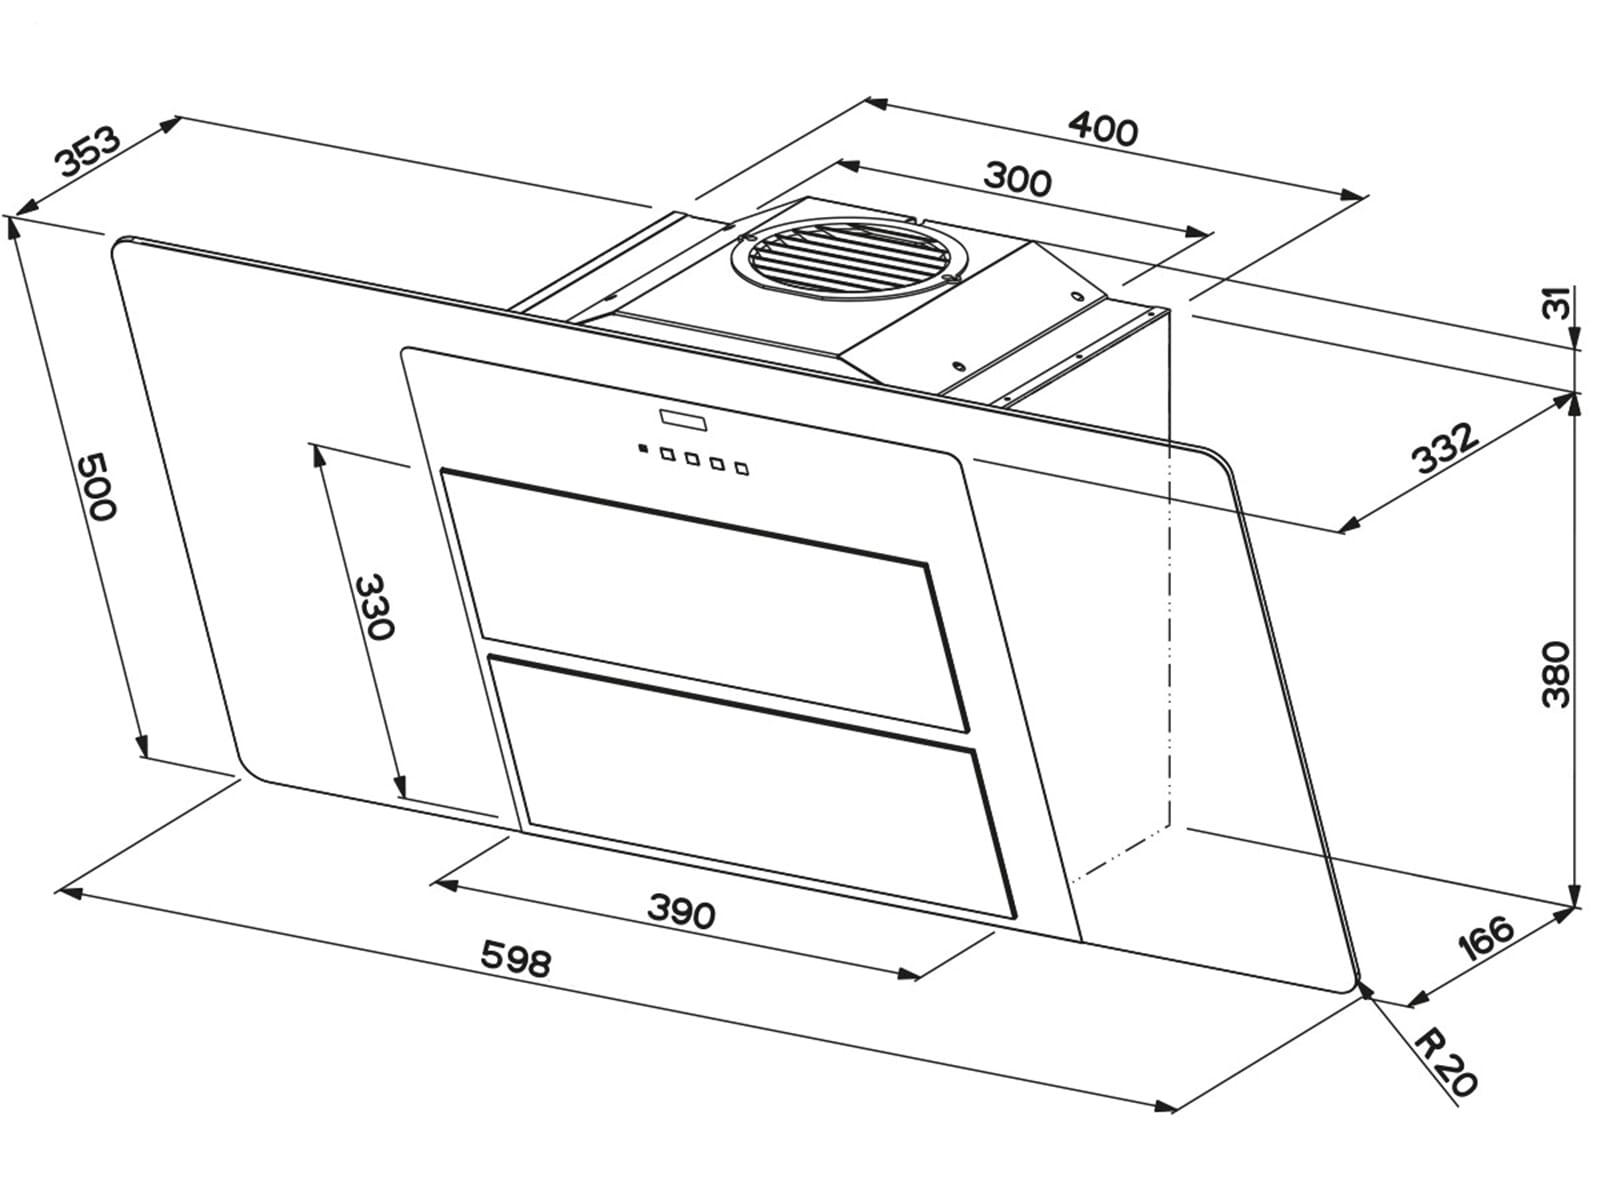 franke fusion ffu 605 bk xs kopffreihaube schwarz edelstahlpaneele ebay. Black Bedroom Furniture Sets. Home Design Ideas